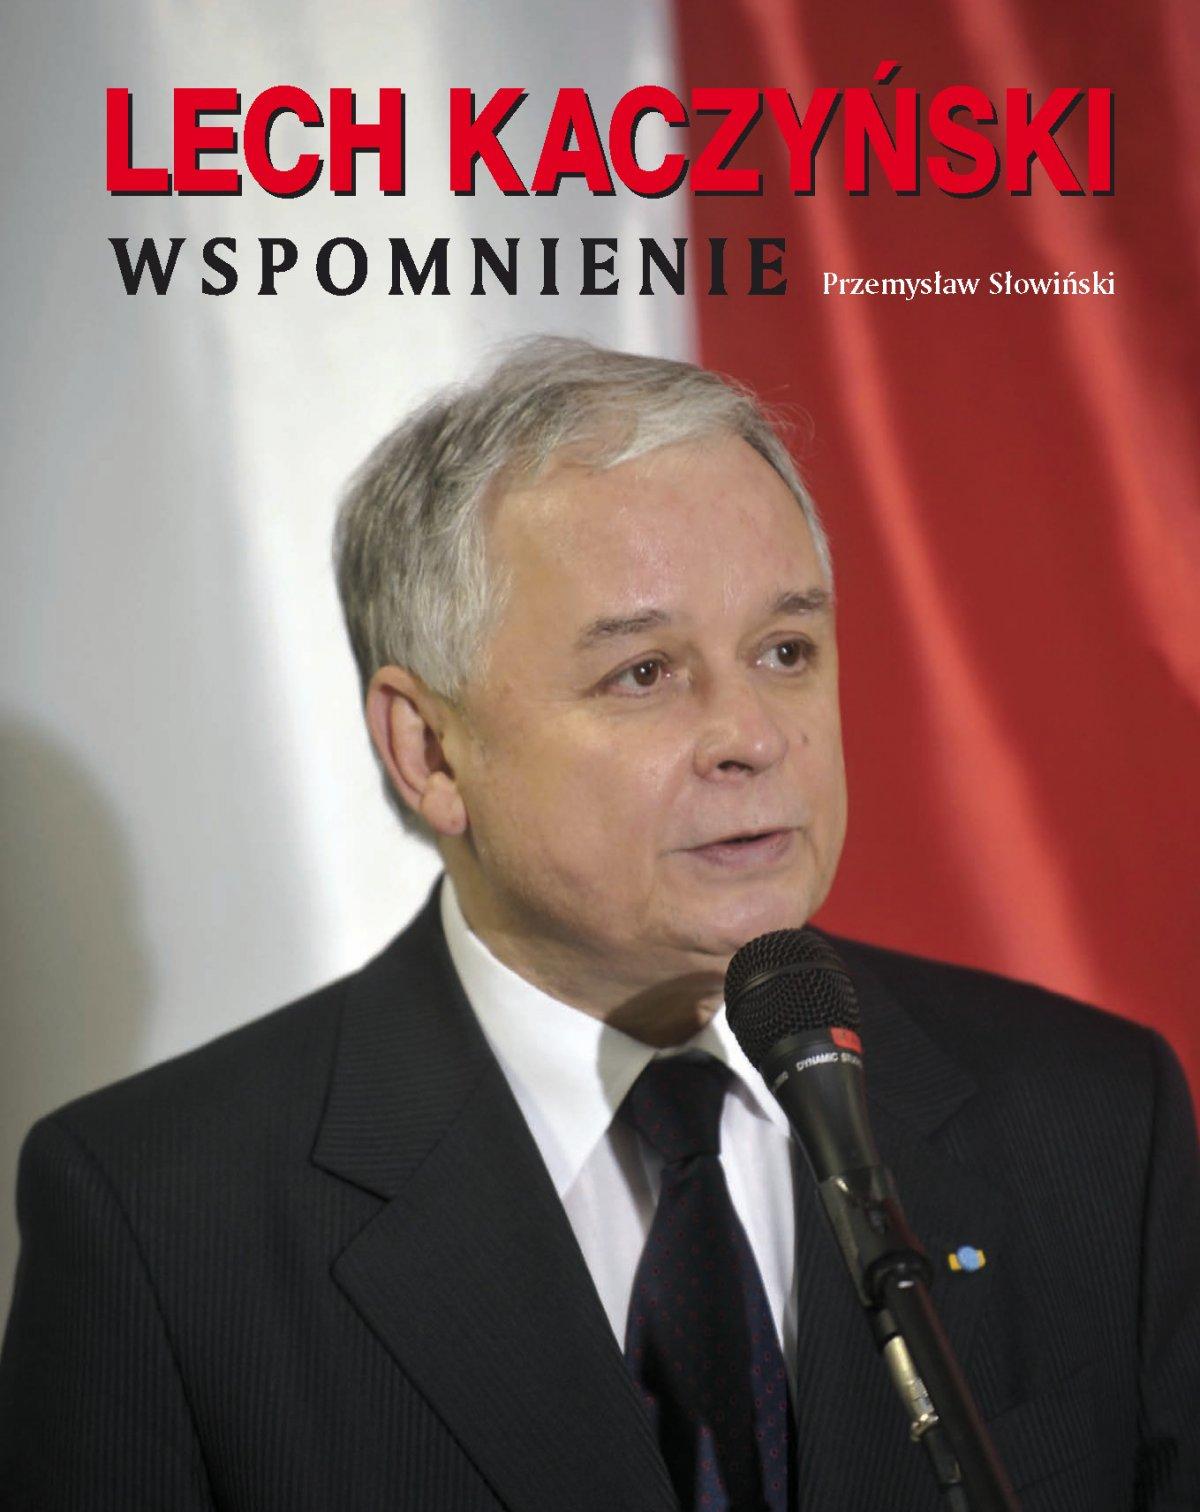 Lech Kaczyński. Wspomnienie - Ebook (Książka na Kindle) do pobrania w formacie MOBI